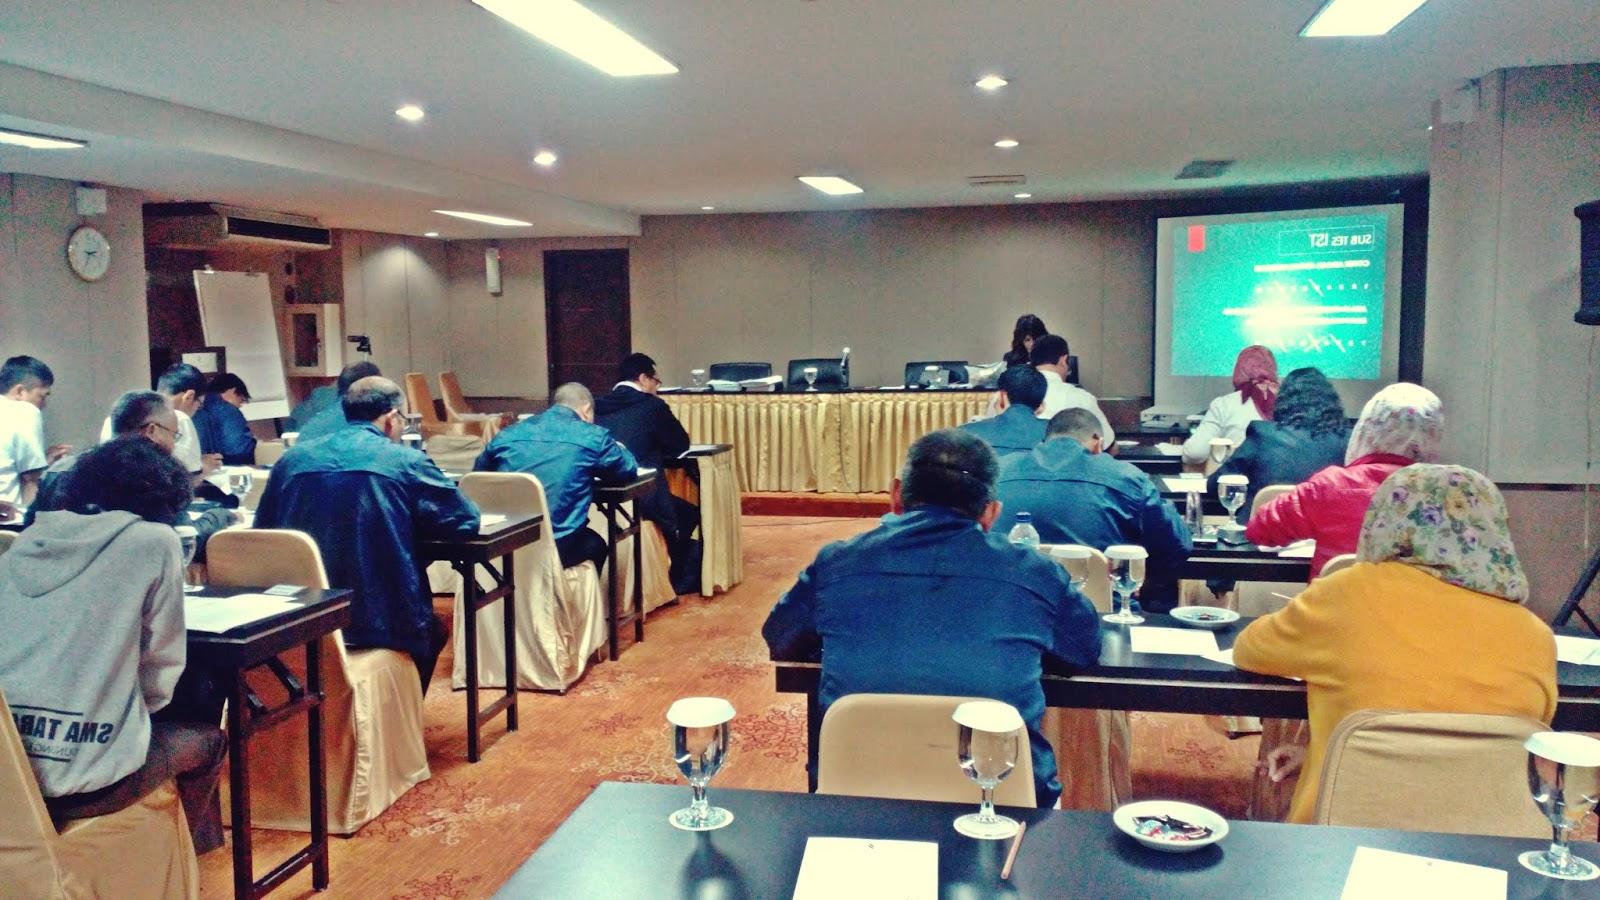 Telah Hadir !!! Jasa Konsultan SDM (HRD) dan Hukum Terbaik di Kalimantan Timur